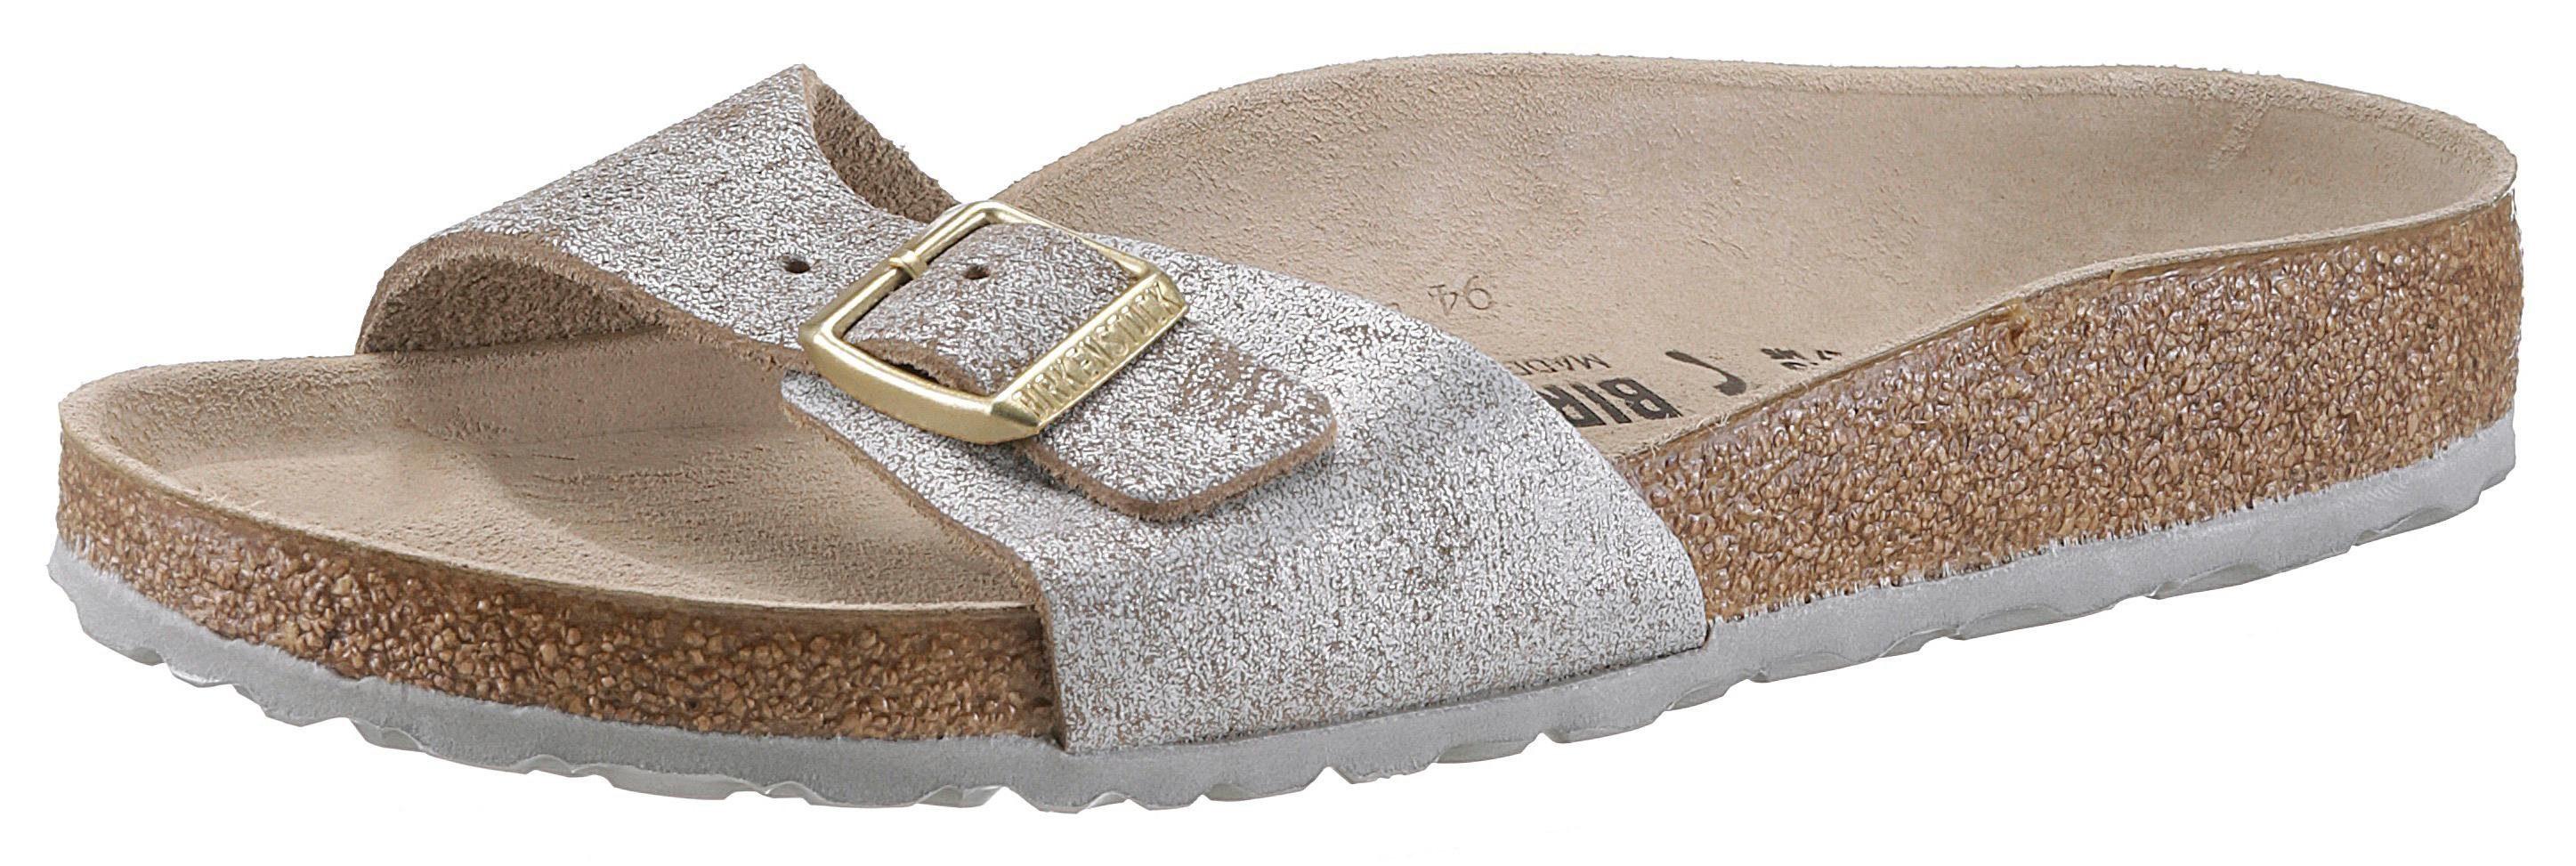 Birkenstock Pantolette, in schmaler Schuhweite und Metallic-Look online kaufen  taupe-grau